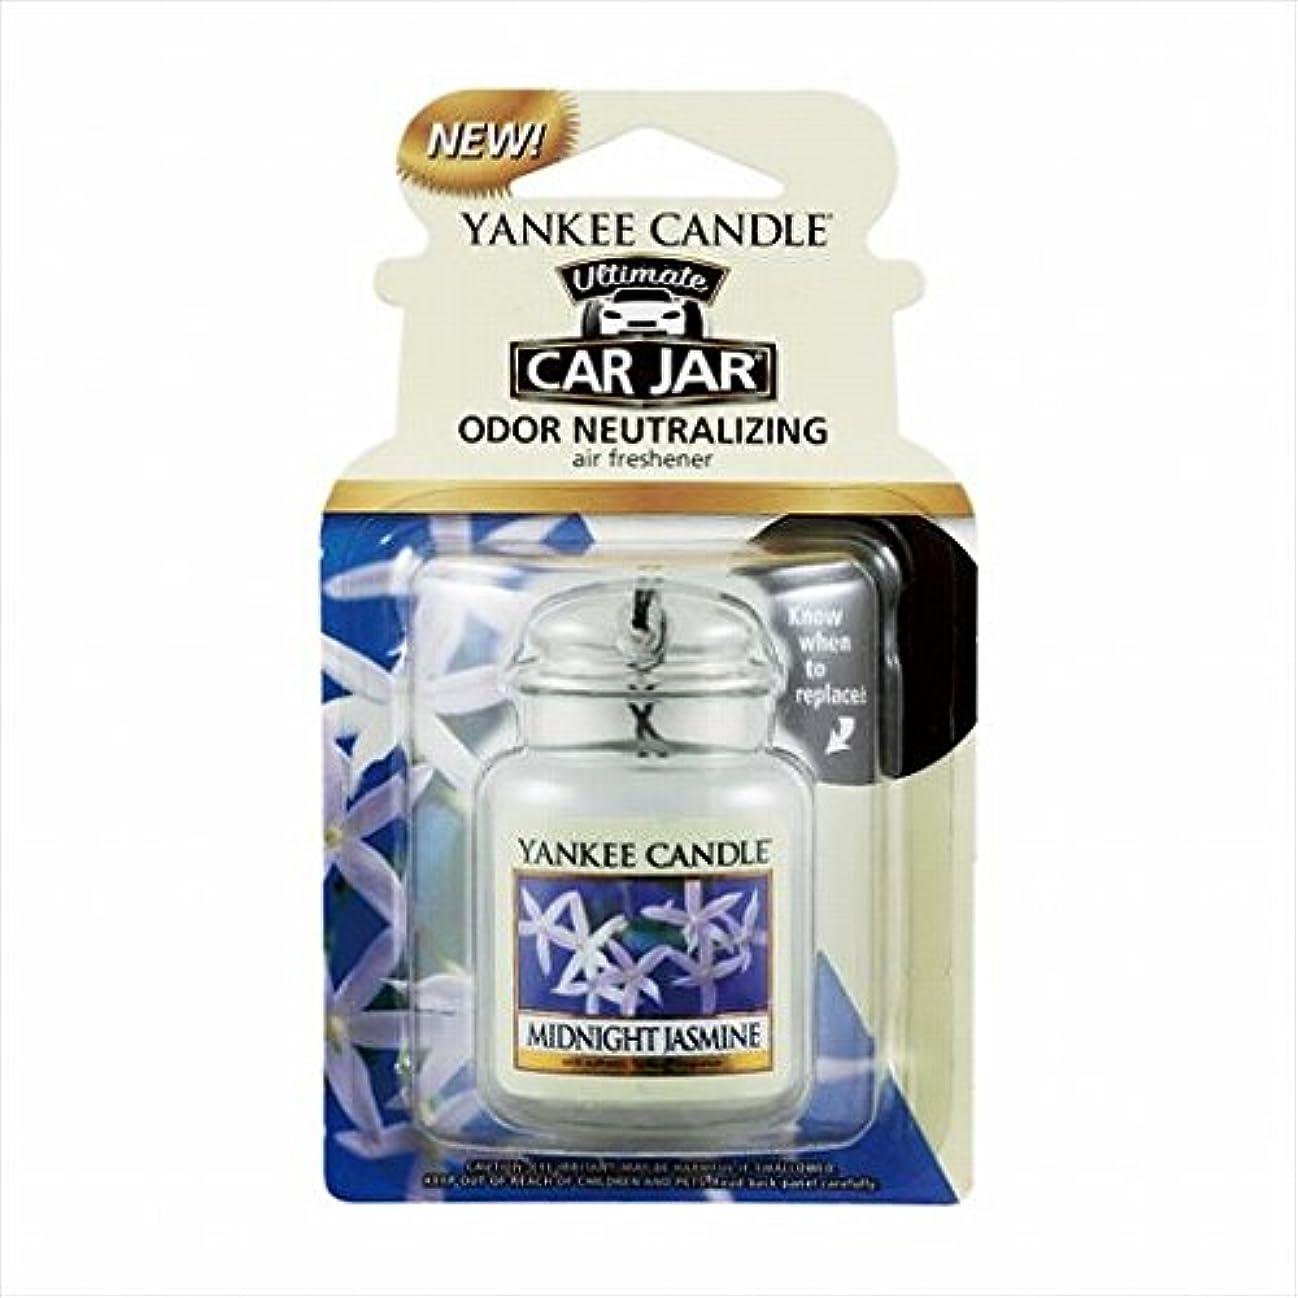 トレース著名な支給カメヤマキャンドル( kameyama candle ) YANKEE CANDLE ネオカージャー 「 ミッドナイトジャスミン 」